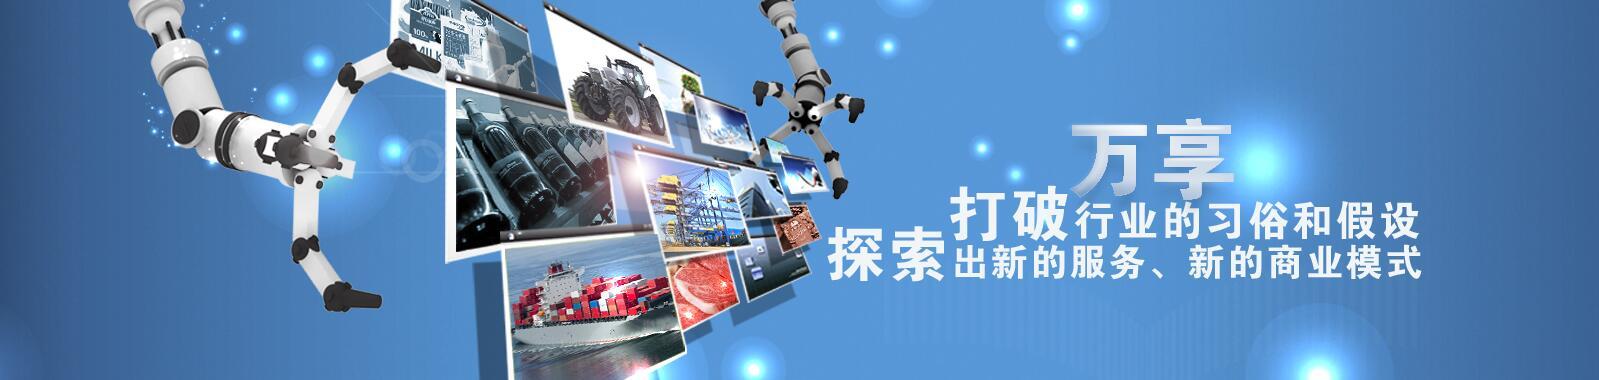 深圳进口二手纺织设备清关公司